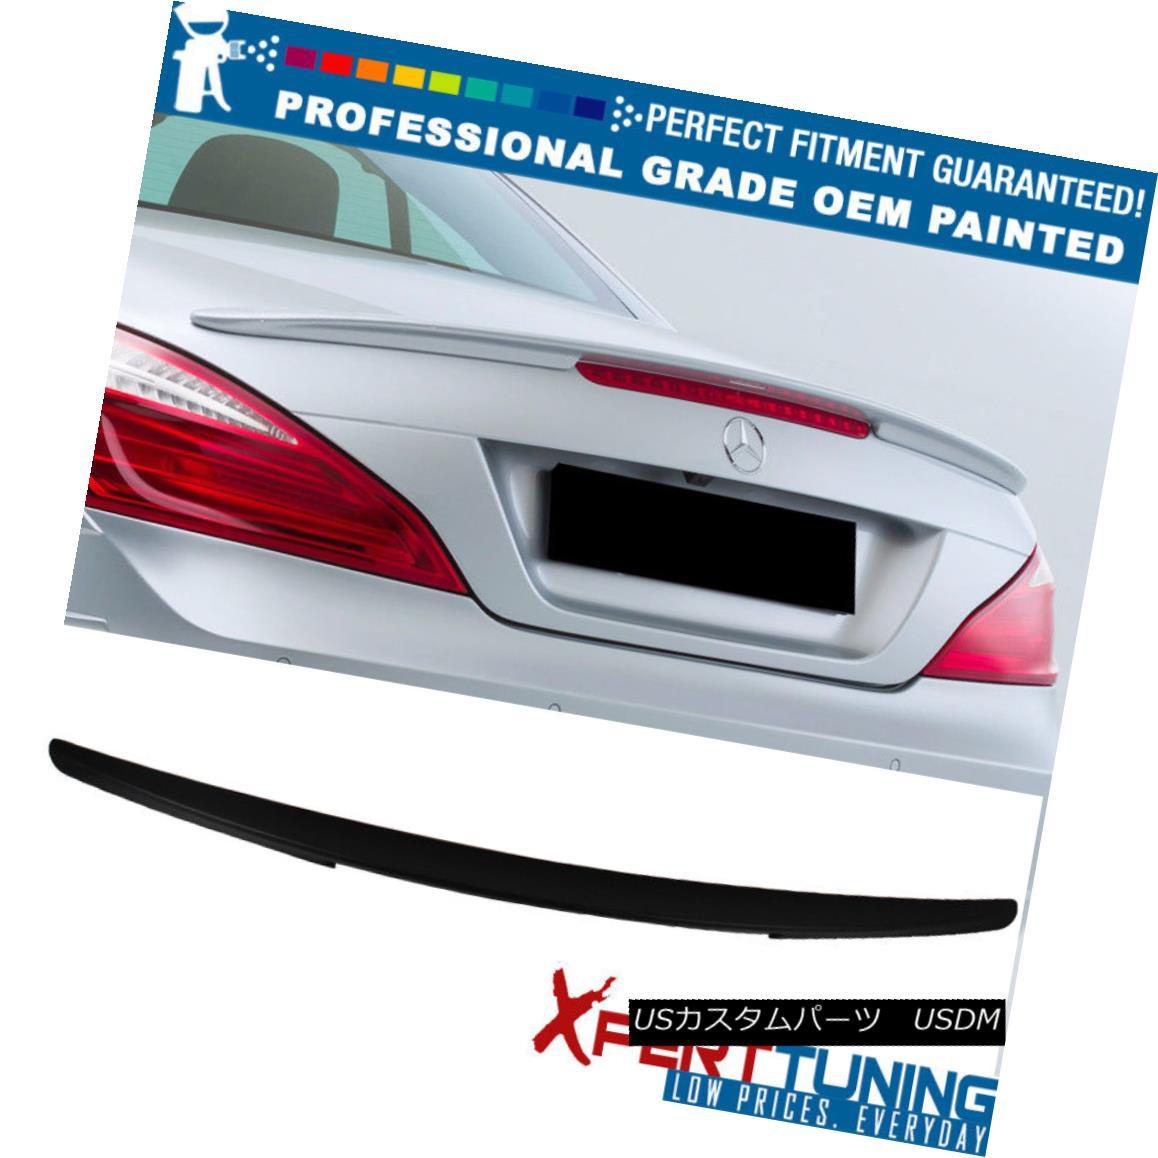 エアロパーツ 13-16 Benz SL-Class R231 D Style Rear ABS Trunk Spoiler- OEM Painted Color 13-16ベンツSLクラスR231 DスタイルリアABSトランクスポイラーOEM塗装色